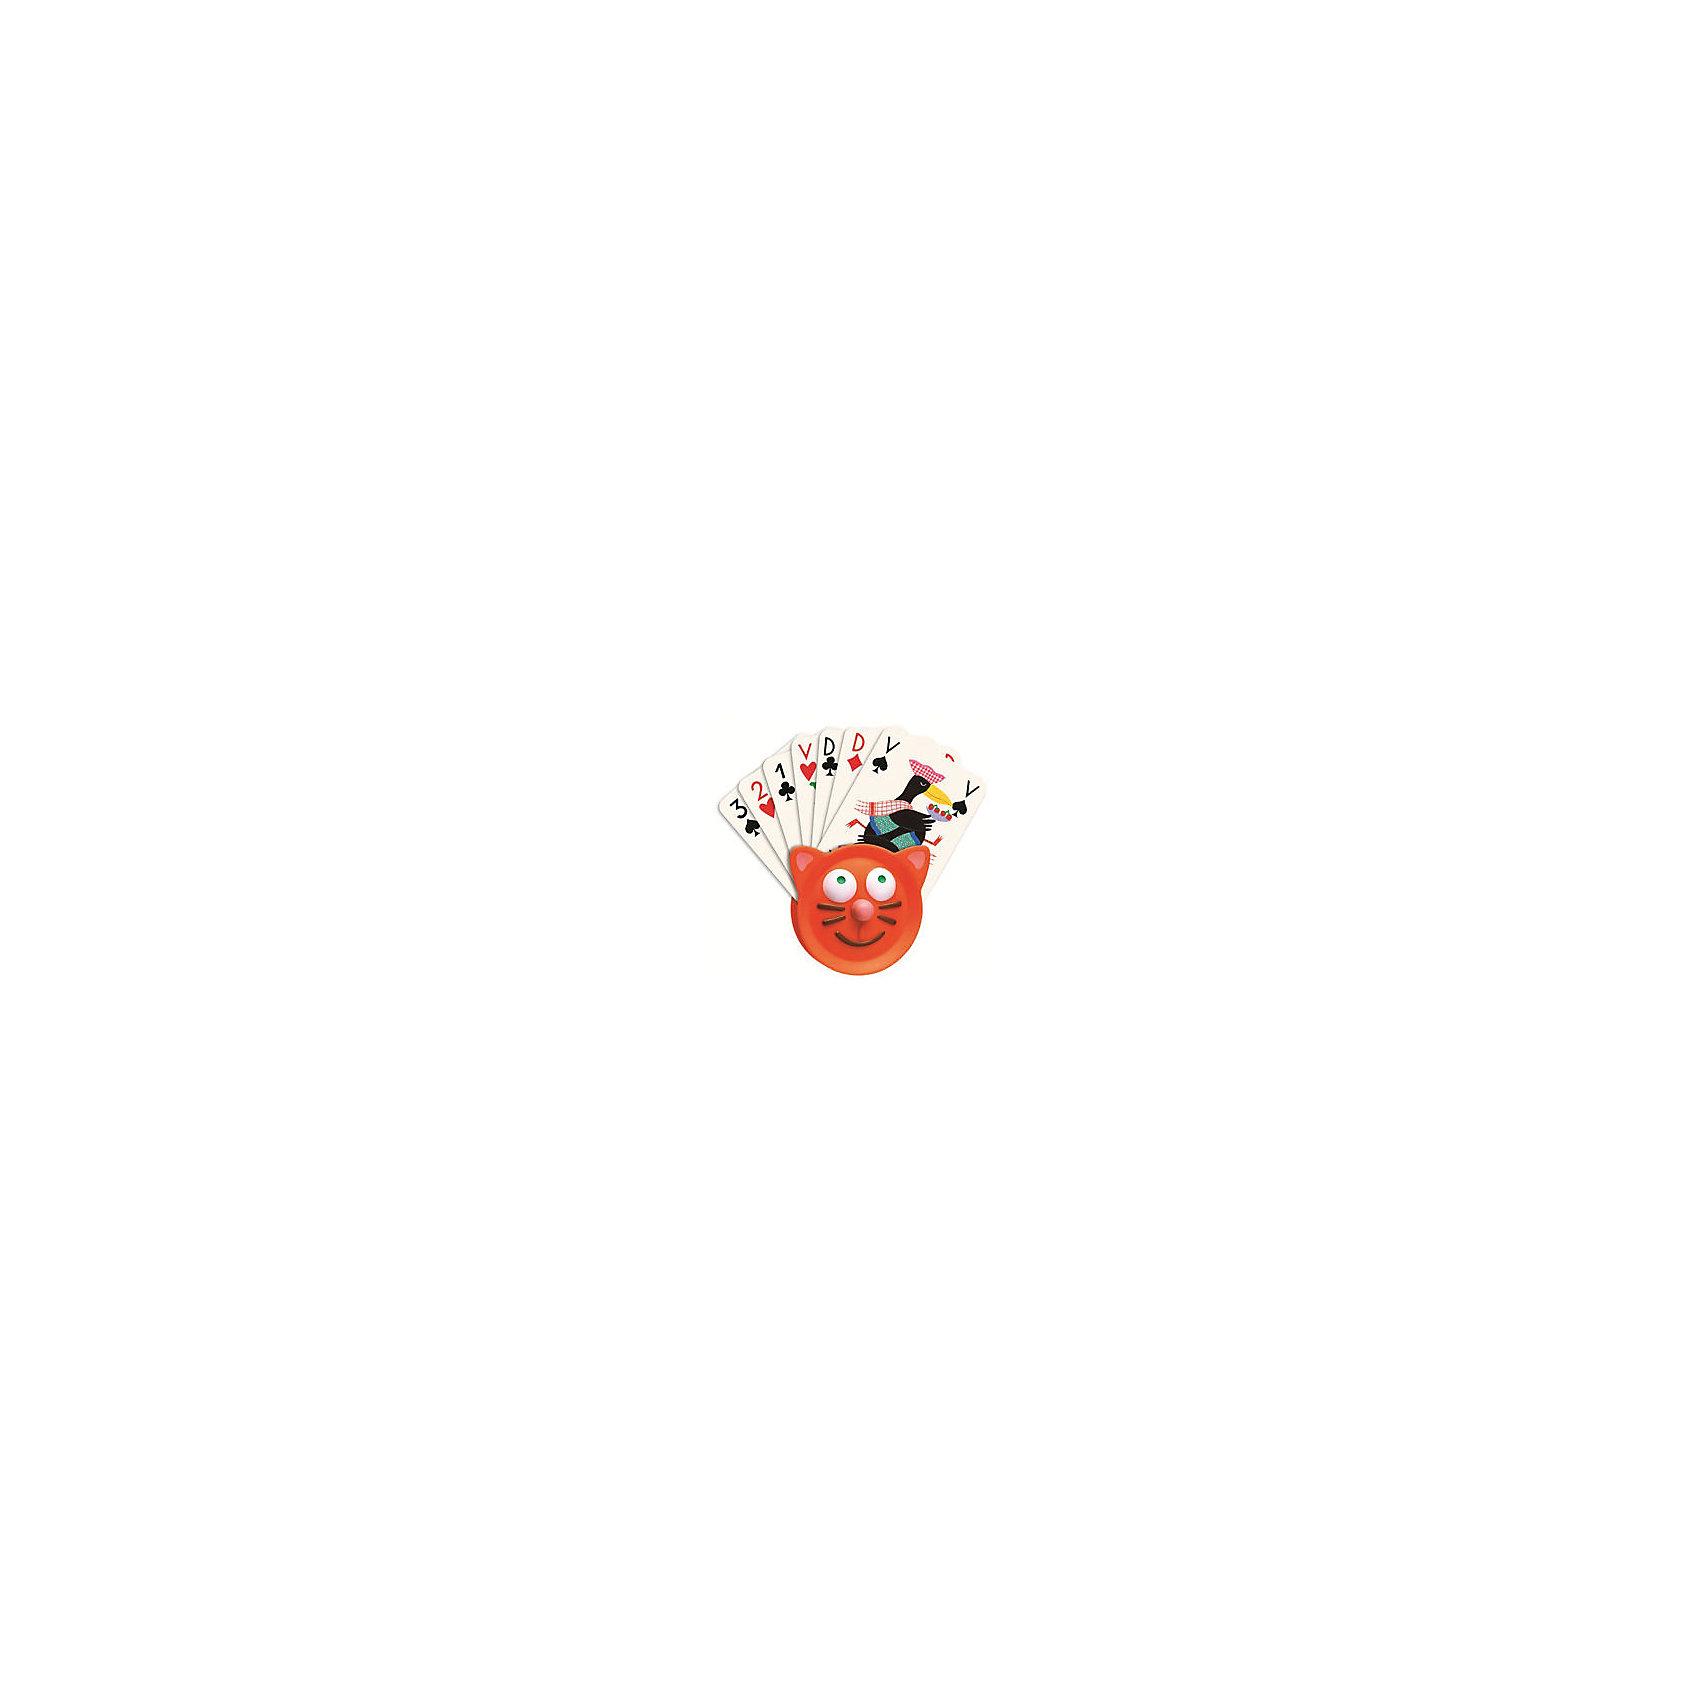 Держатель для карт, DJECOНастольные игры для всей семьи<br>Держатель для карт, Djeco (Джеко) - красочный практичный аксессуар, который отличной подойдет для множества карточных игр. Он будет особенно удобен для малышей, которым еще трудно держать целый веер карт, сортировать их и при этом не давать подглядывать соперникам. Держатель выполнен в виде забавной мордочки котенка с отверстием сверху для колоды карт.<br><br>Дополнительная информация:<br><br>- Материал: пластик.<br>- Размер: 9 х 9 см.<br>- Вес: 30 гр. <br><br>Держатель для карт, Djeco (Джеко), можно ,купить в нашем интернет-магазине.<br><br>Ширина мм: 90<br>Глубина мм: 280<br>Высота мм: 10<br>Вес г: 70<br>Возраст от месяцев: 48<br>Возраст до месяцев: 1188<br>Пол: Унисекс<br>Возраст: Детский<br>SKU: 4215017